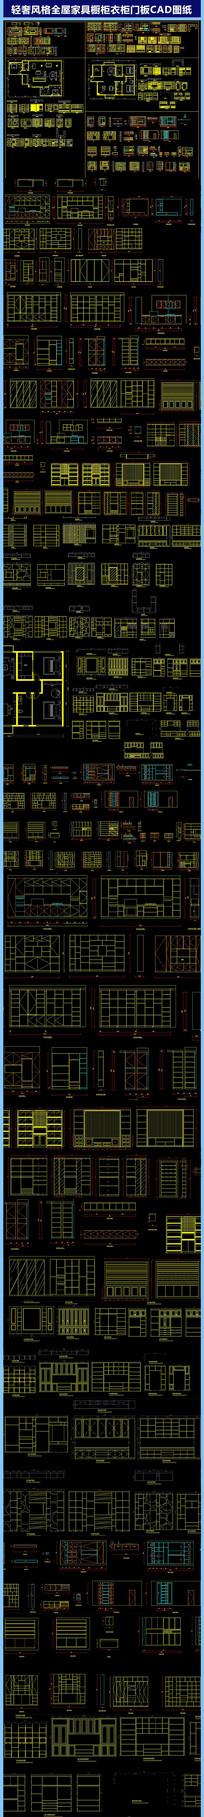 轻奢风格全屋家具橱柜衣柜门板CAD图纸